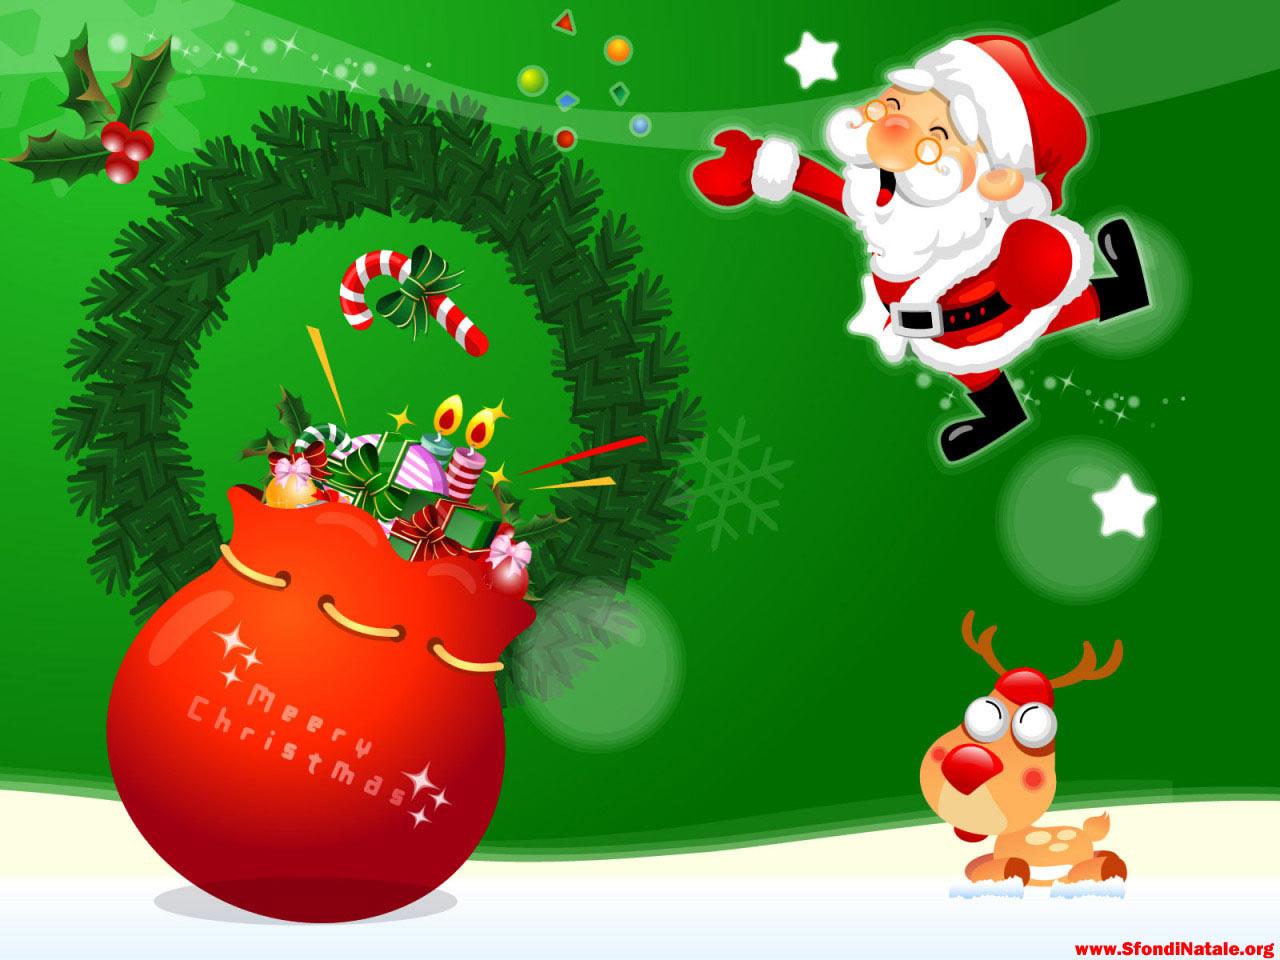 Sfondi Natalizi Foto.Sfondi Natale La Piu Bella Raccolta Di Sfondi Natale